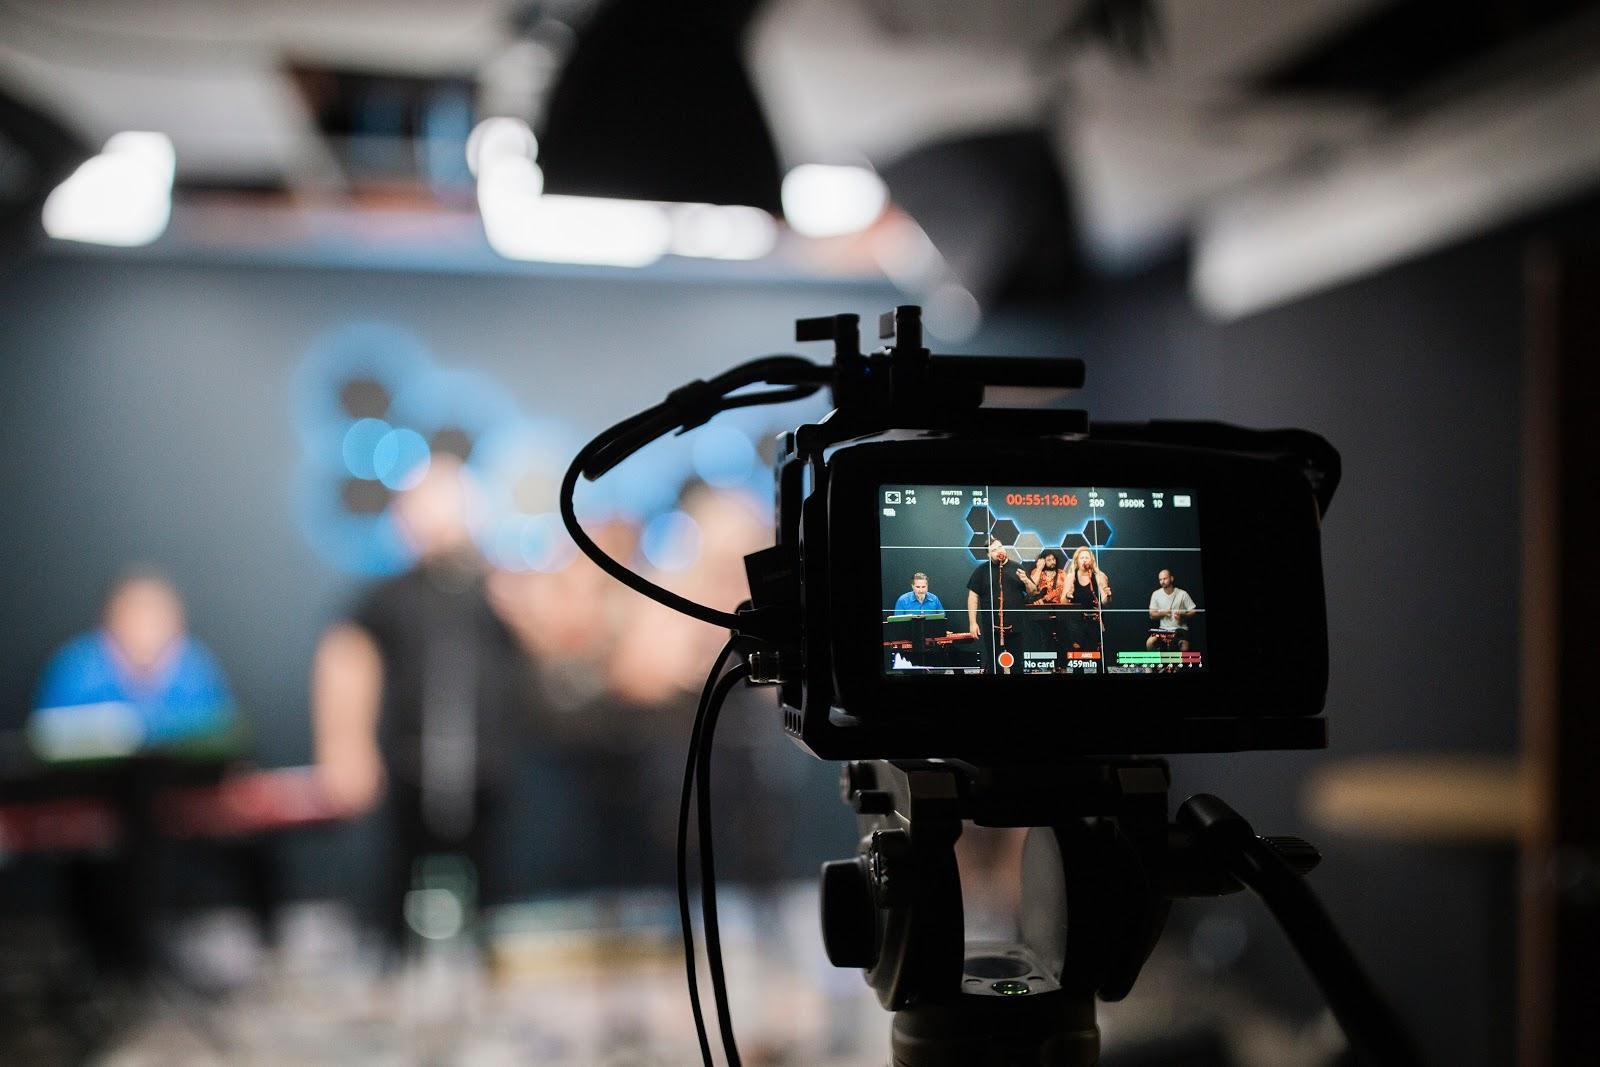 Designs.ai |  Doit savoir pour créer une chaîne YouTube de qualité pour votre entreprise - Étape 3: Publiez régulièrement